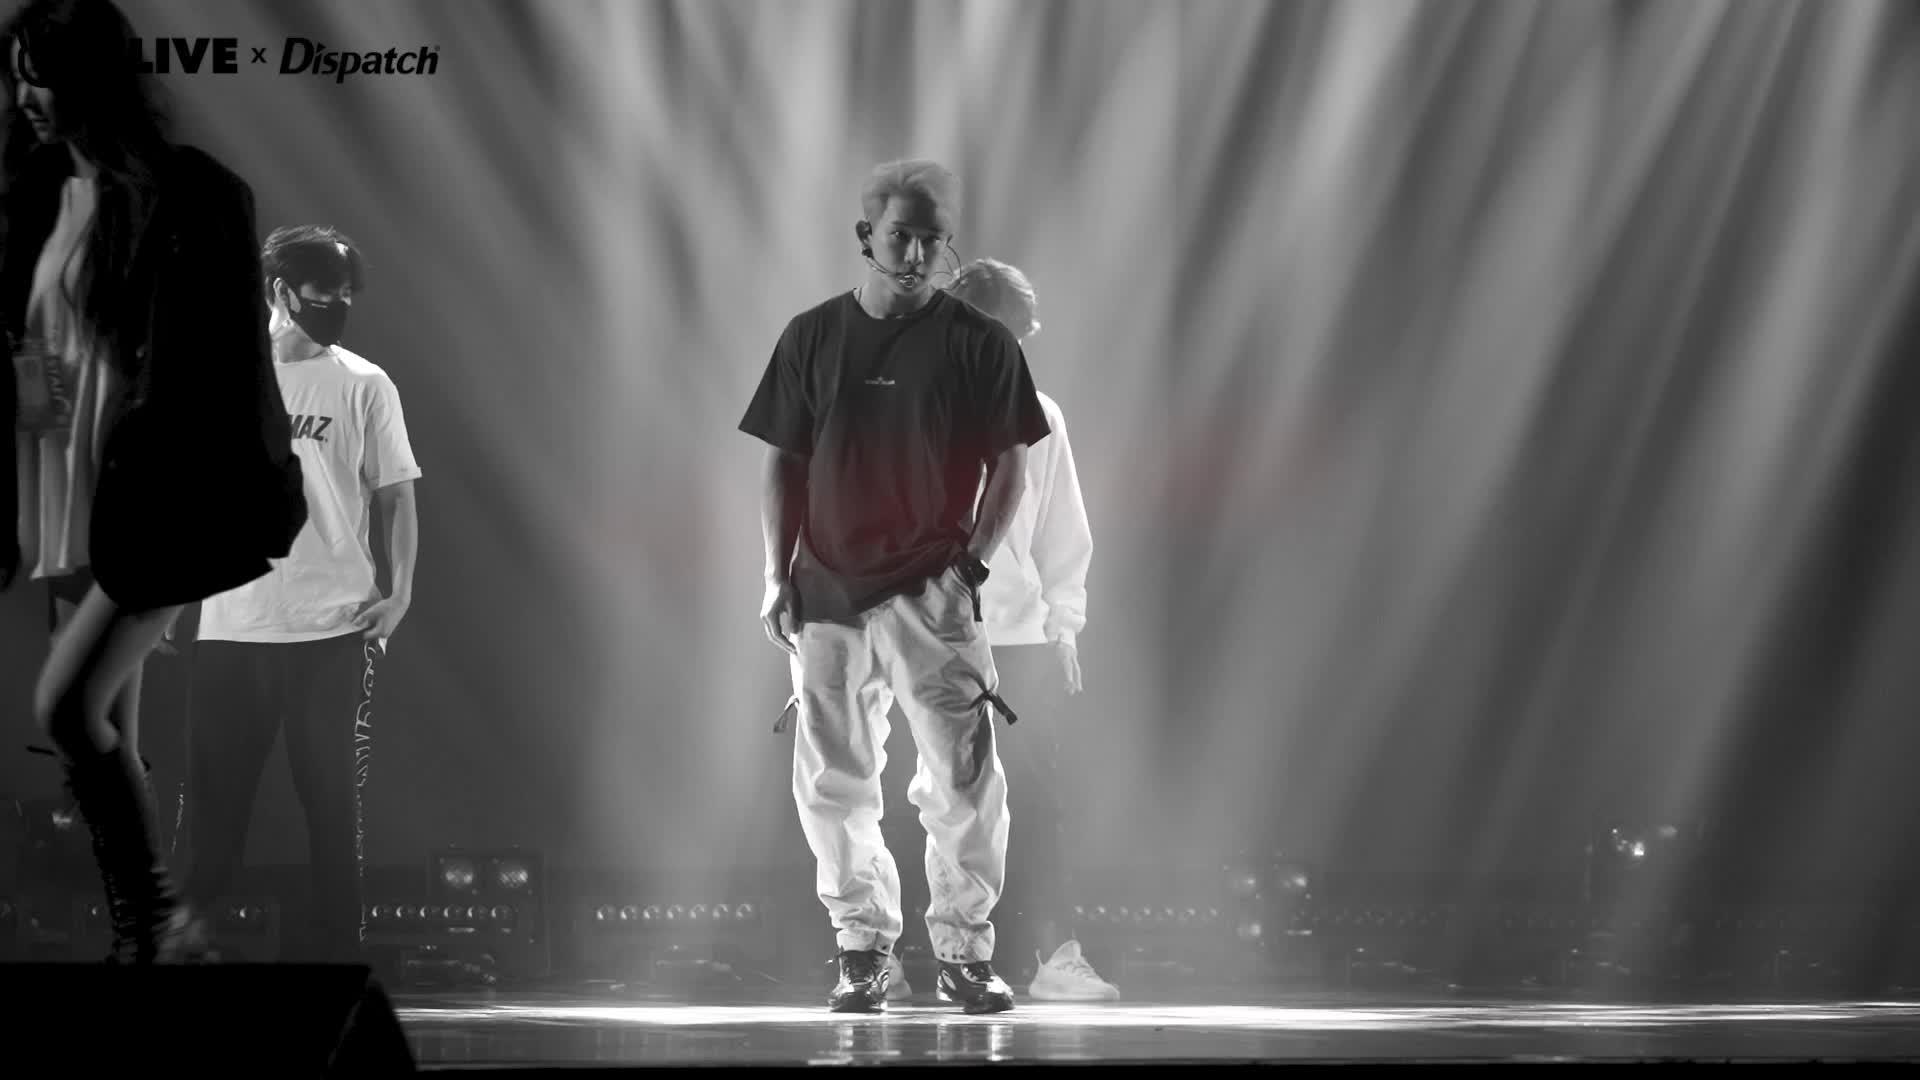 """[ⓓxV] """"팔색조의 핑크 왕자님🐰👑"""" (원호 : WONHO)"""